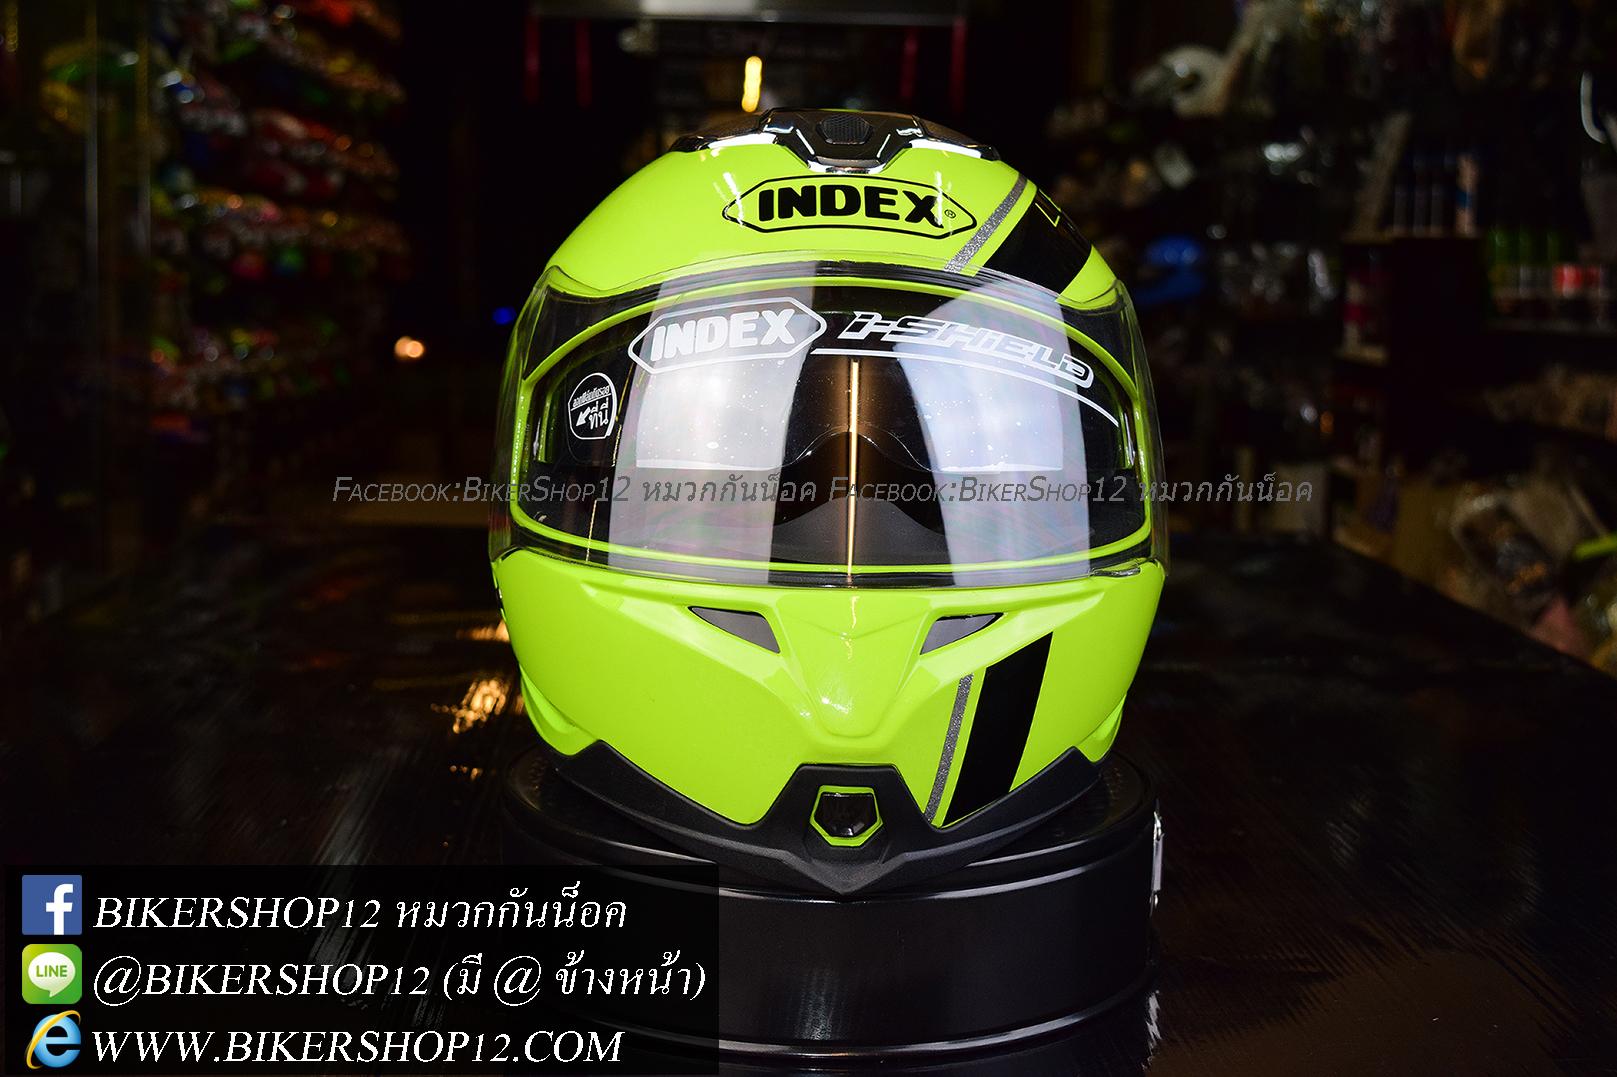 หมวกกันน็อค INDEX รุ่น Legenda i-shield สี NEON GREEN-BLACK